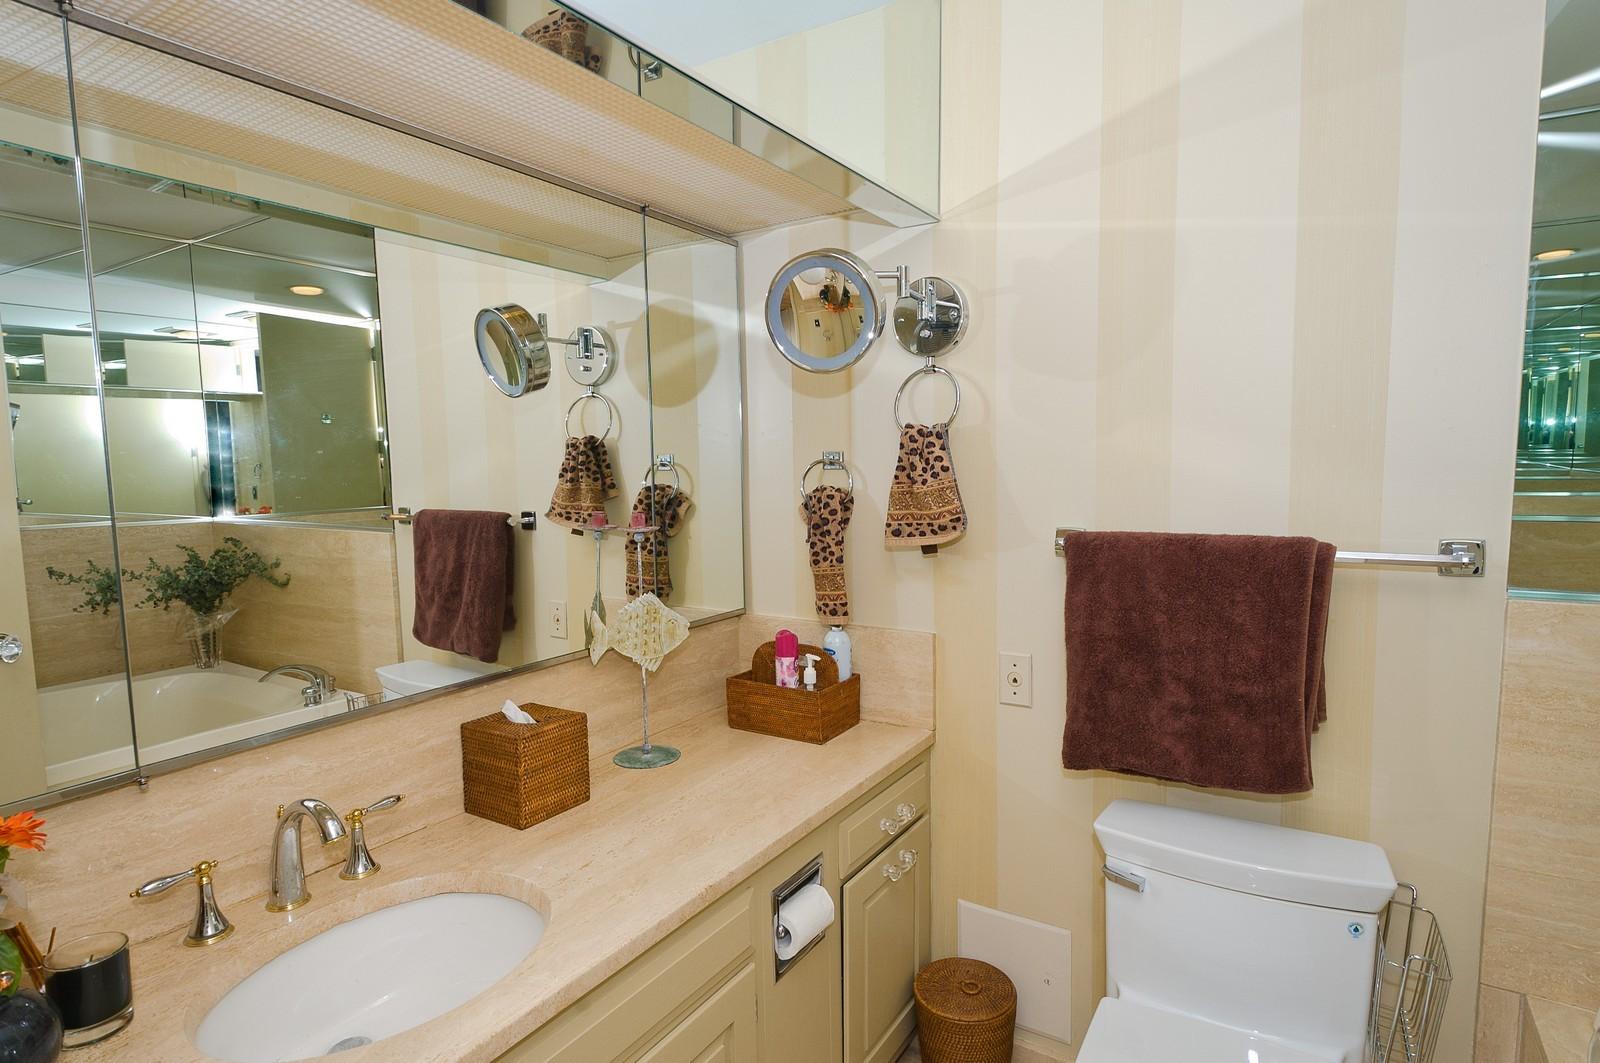 Real Estate Photography - 180 E Pearson St, 4806, Chicago, IL, 60611 - Bathroom